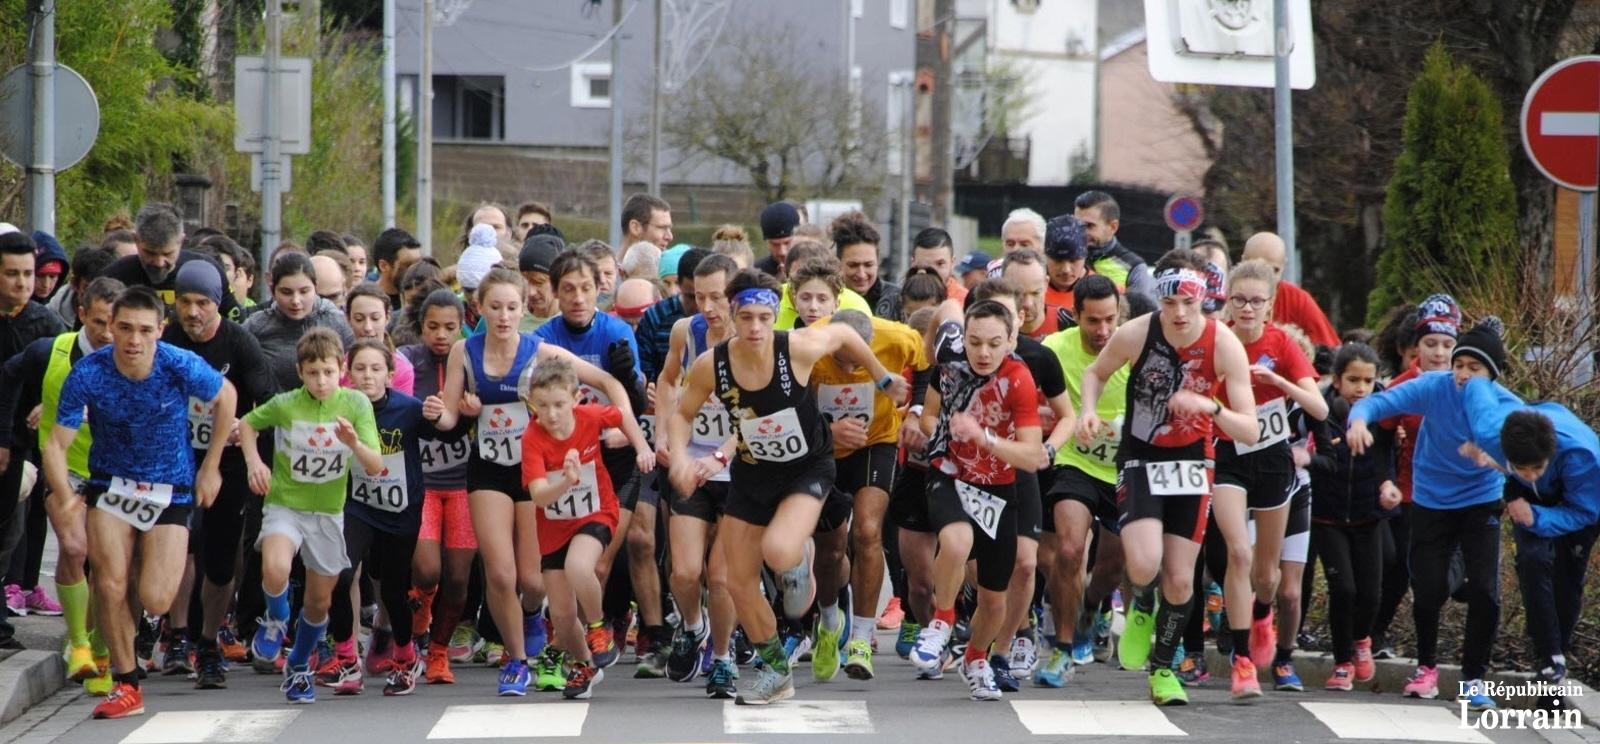 Herserange : la corrida pédestre de la Saint-Sylvstre fait le plein